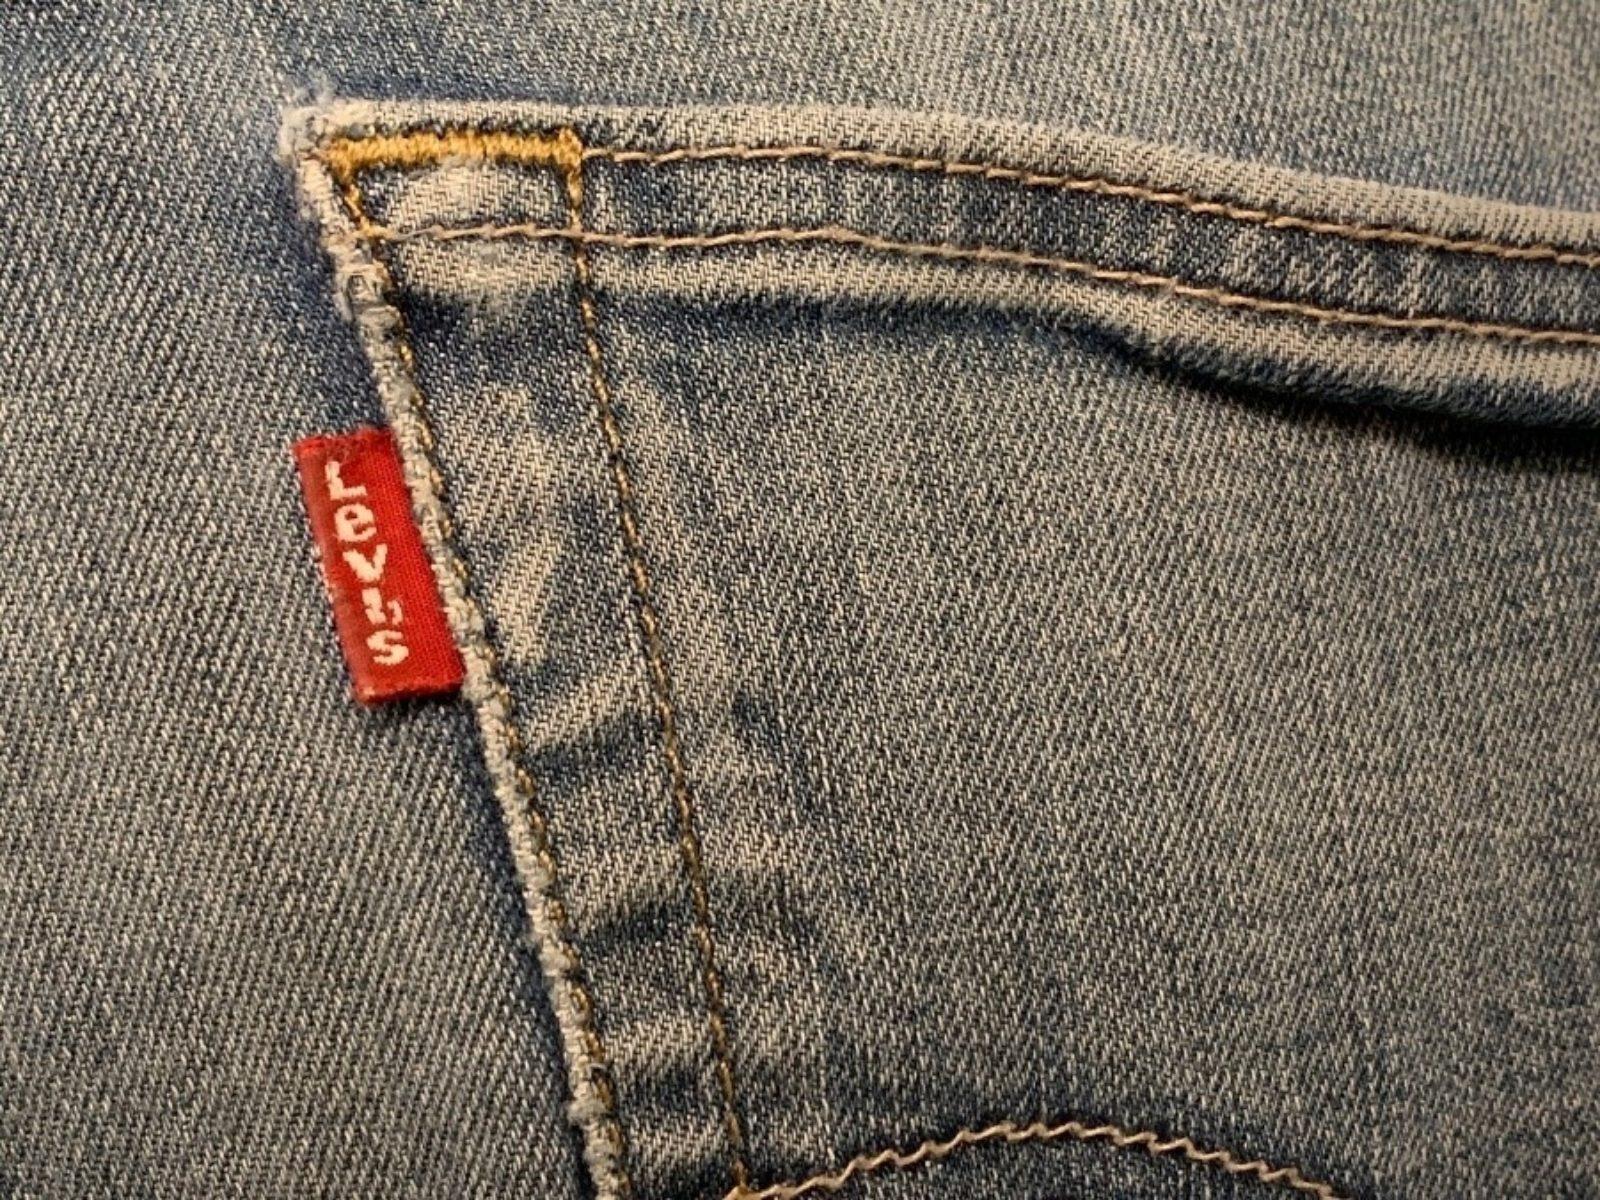 Paul Levi Trademarkology Post Levi Pocket 092419